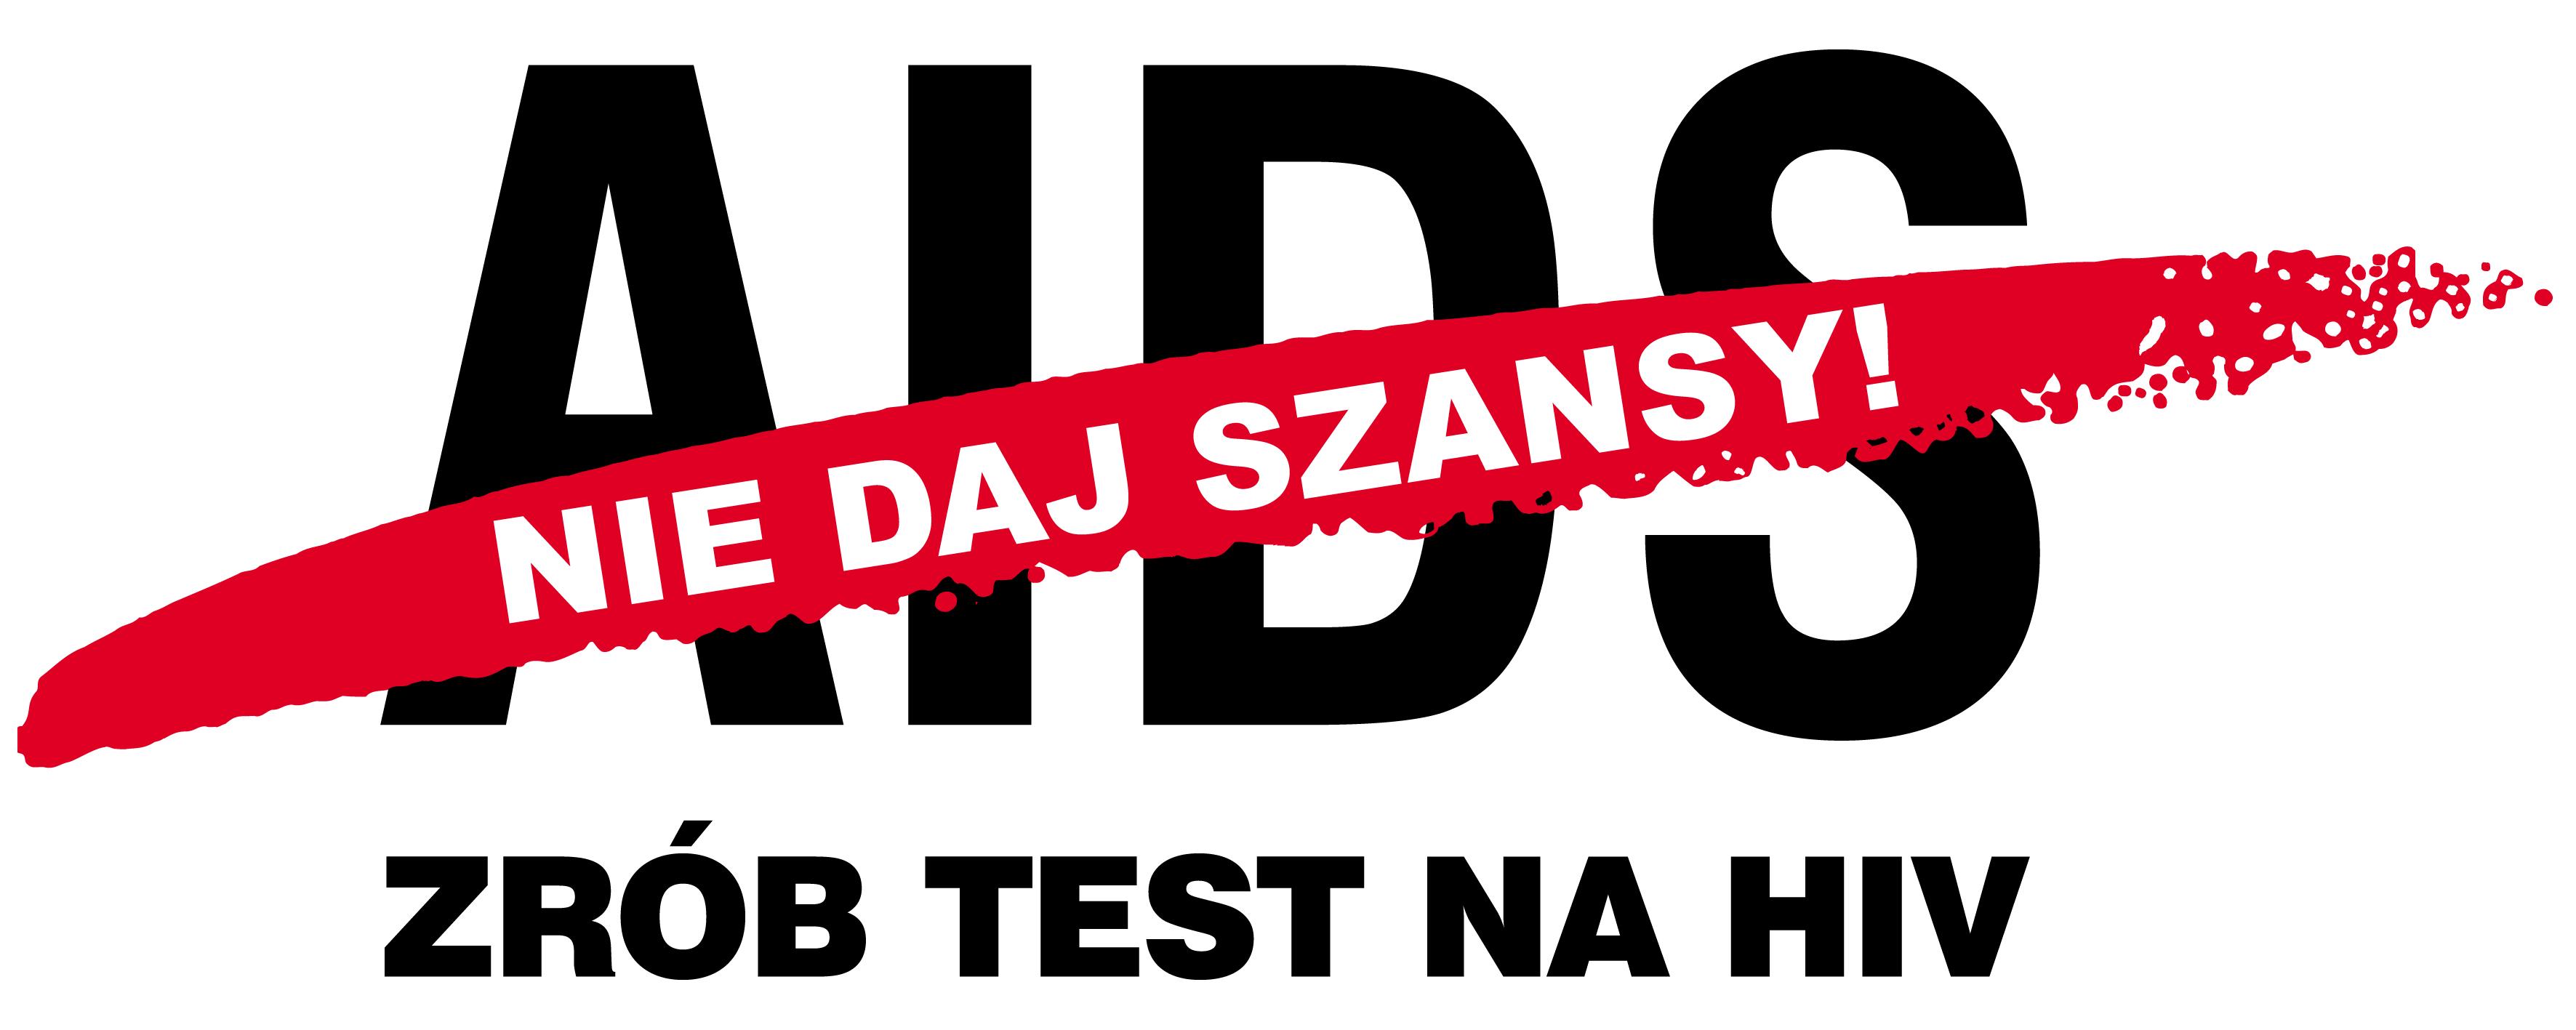 Znalezione obrazy dla zapytania światowy dzień aids